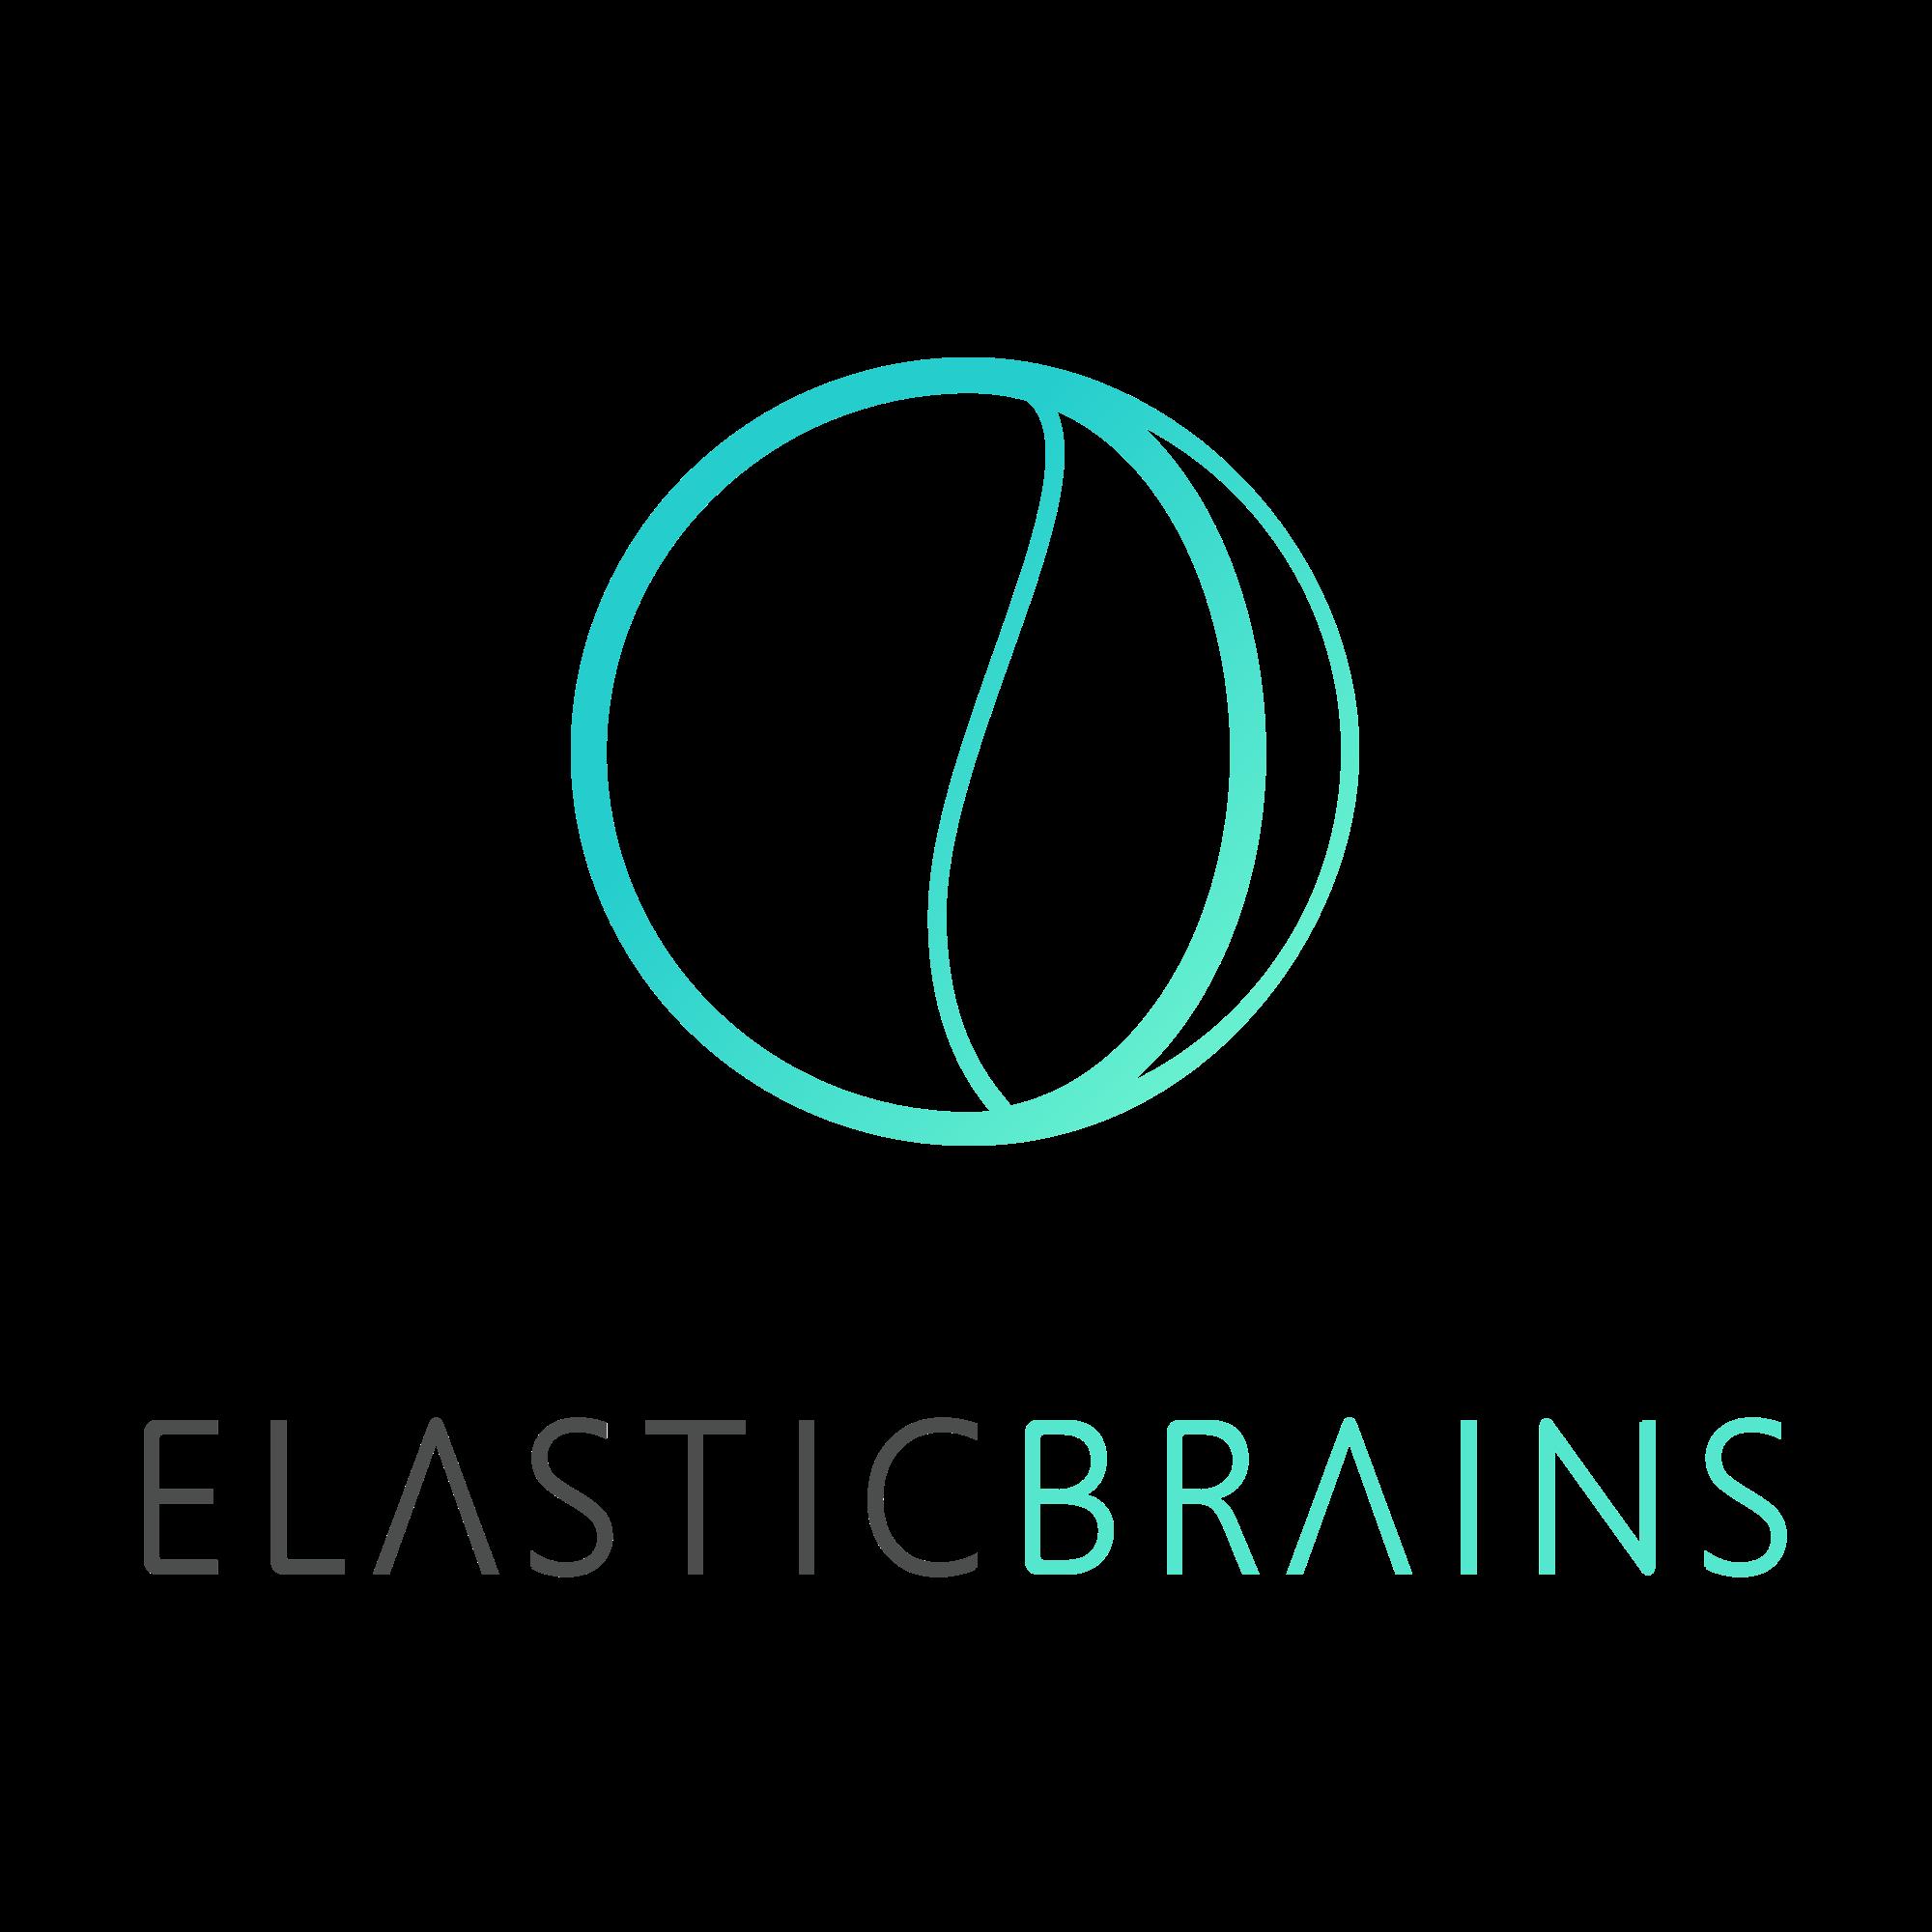 Elasticbrains